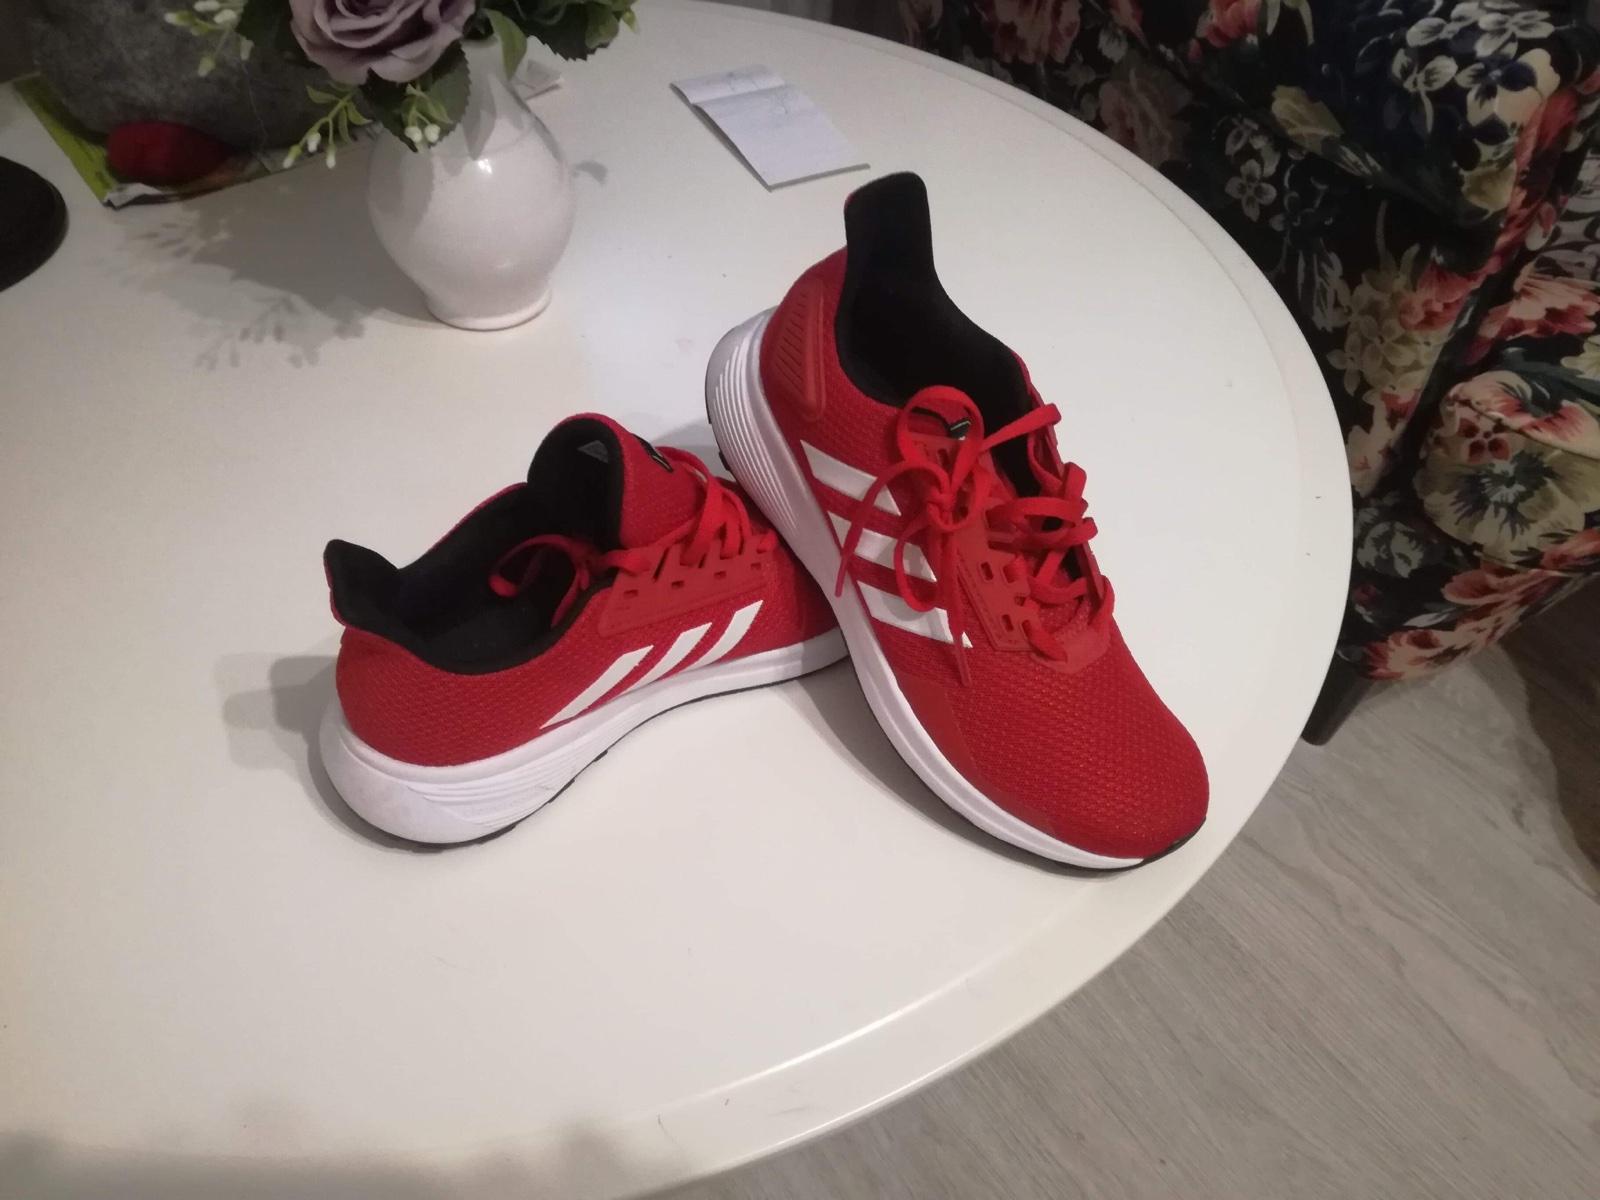 dd834a59cfa6e Damske tenisky, adidas,36 - 30 € od predávajúcej viktoriac1   Detský bazár    ModryKonik.sk